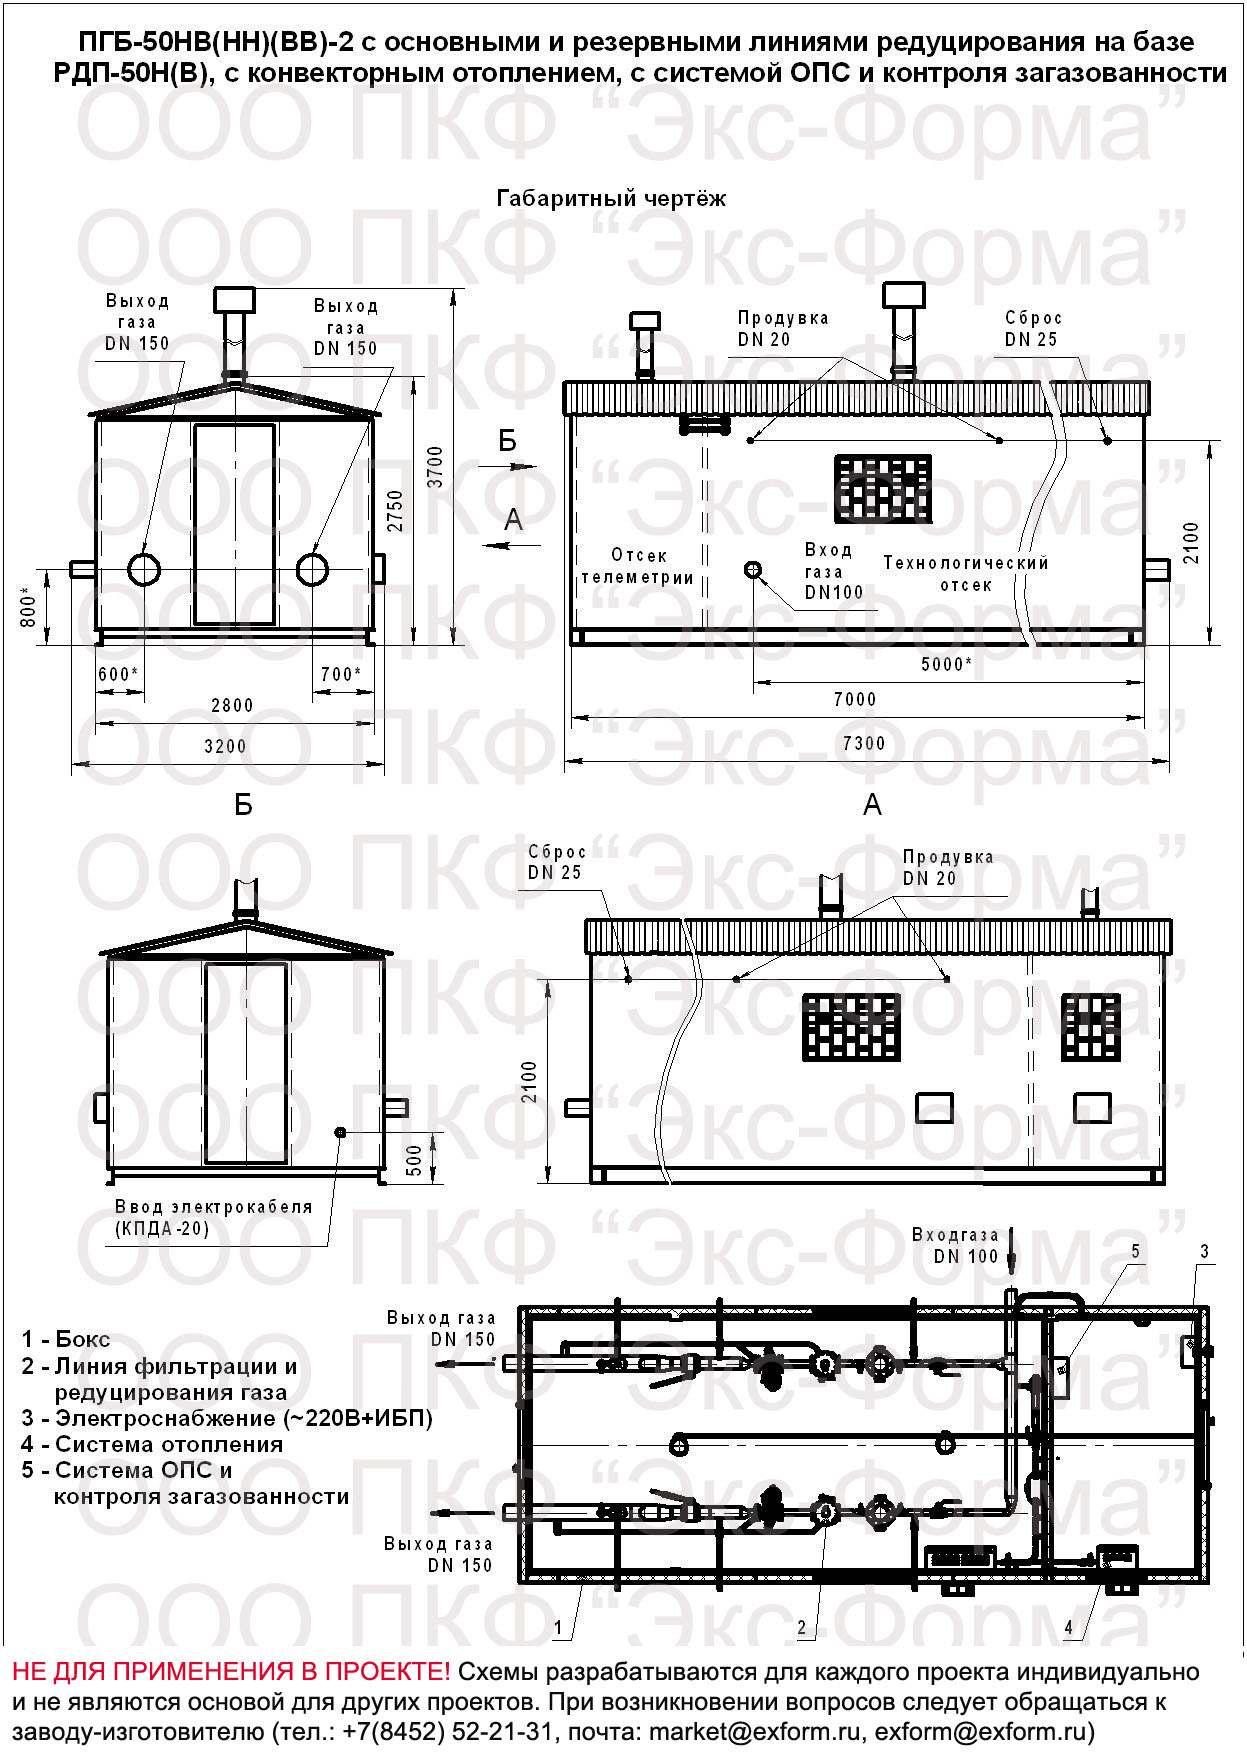 схема ПГБ-50НВ(НН)(ВВ)-2